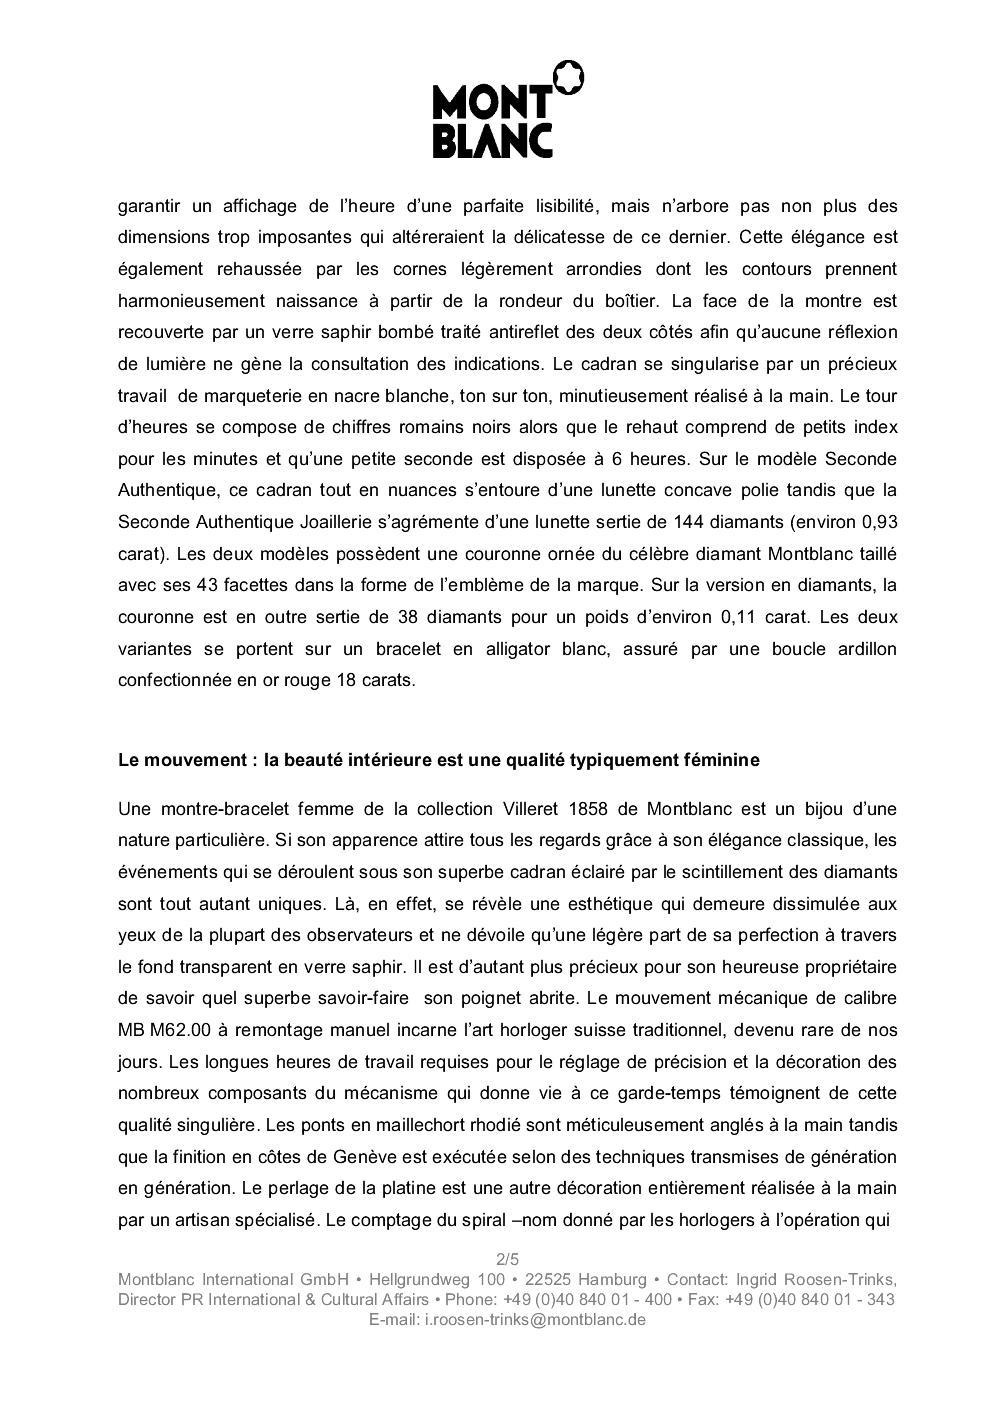 SIHH 2013 MONTBLANC Villeret Seconde Authentique 16760sh